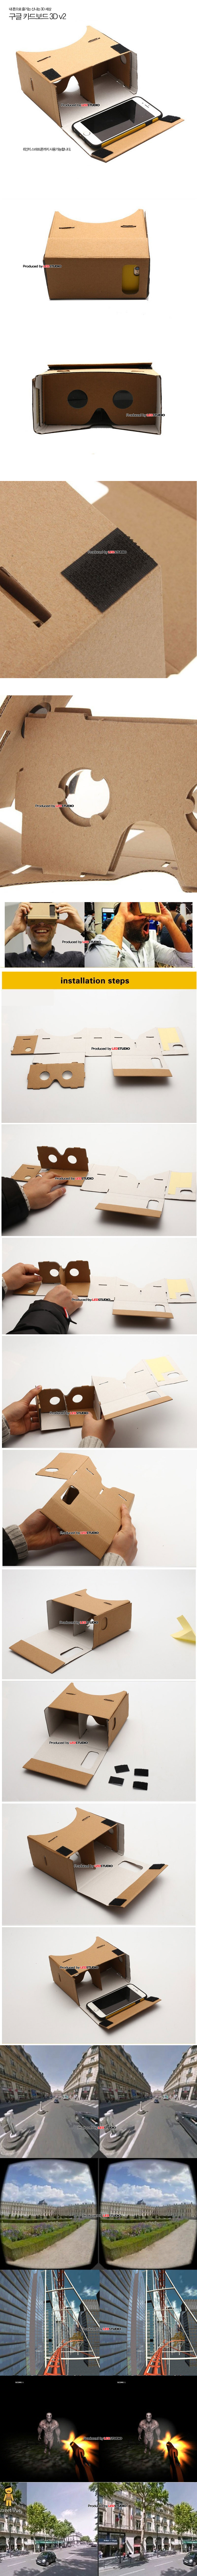 구글 카드보드 3D  v2.0 / CARDBOARD v2 / 스마트폰 가상현실 VR 박스/ 3D안경 / 영화감상